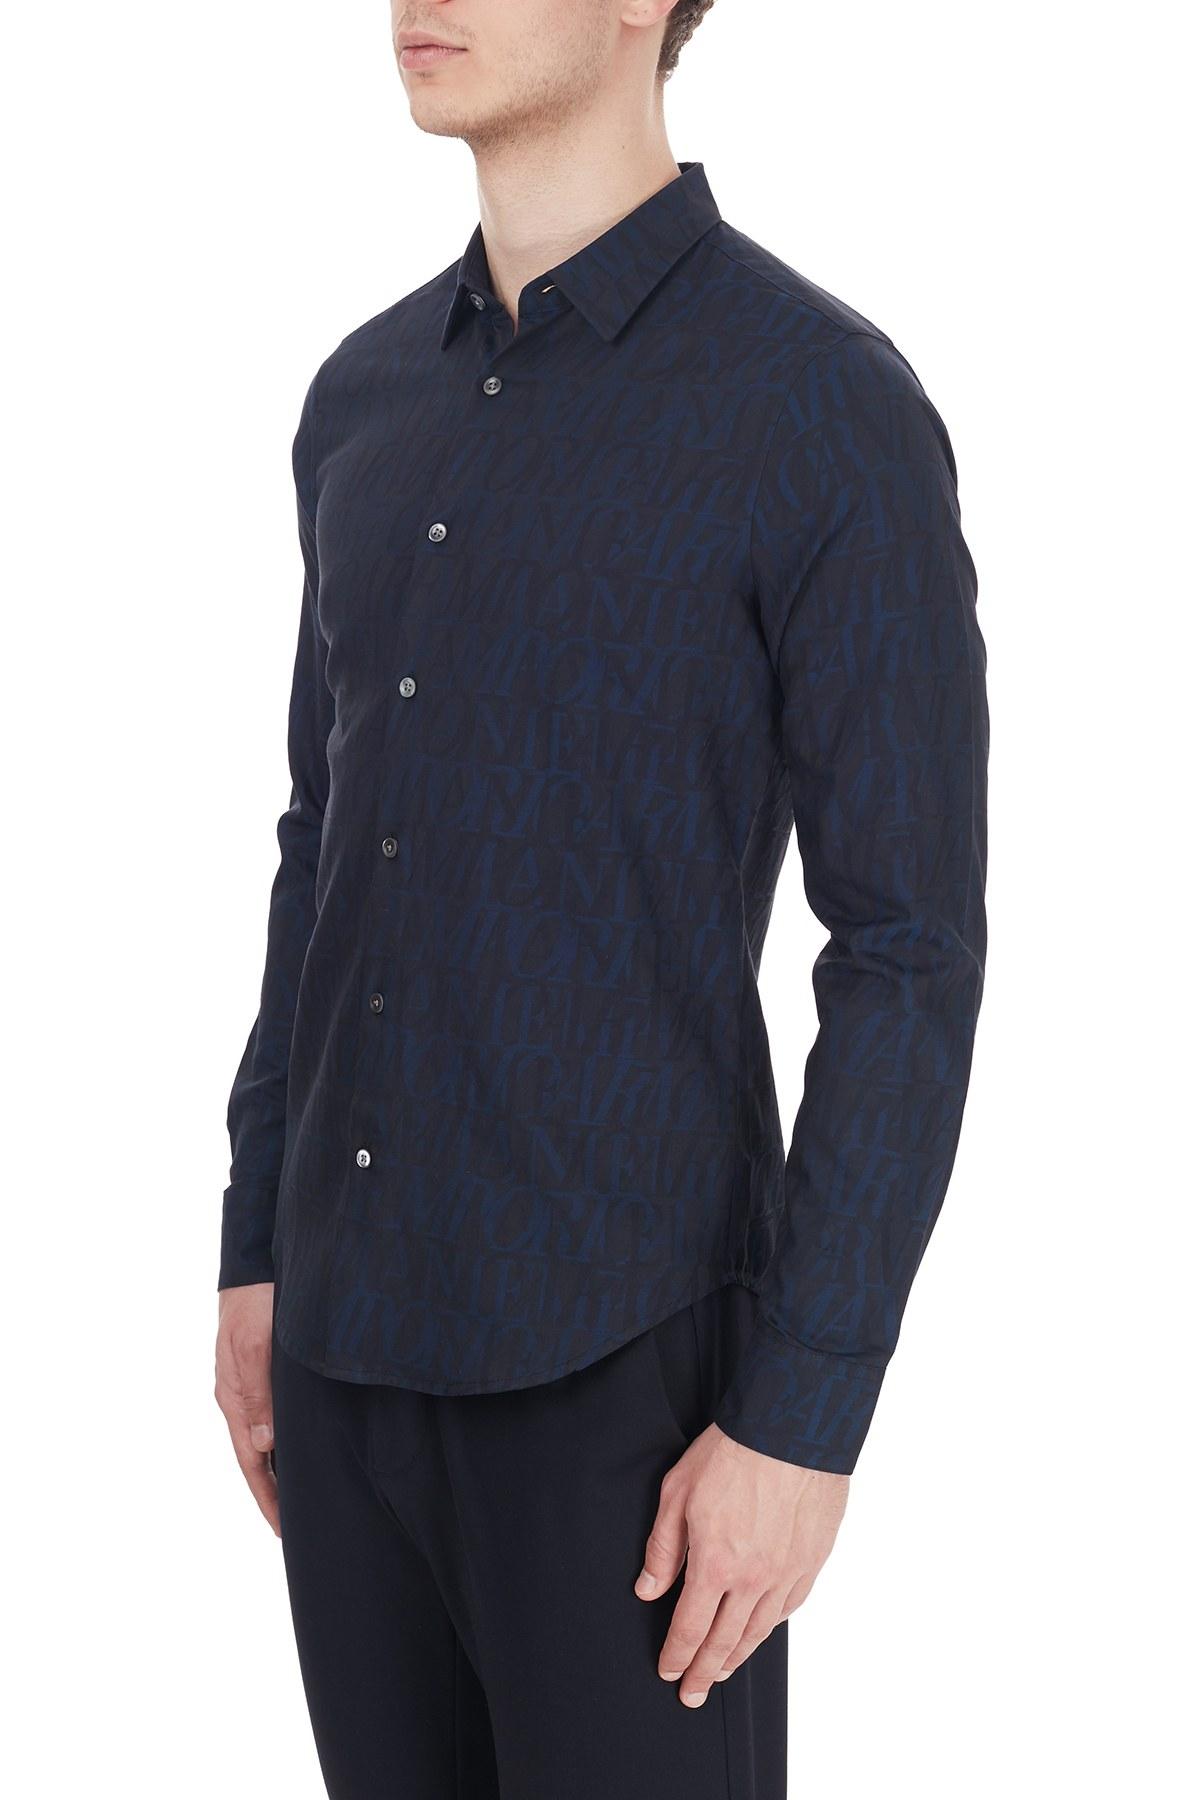 Emporio Armani Slim Fit Logo Baskılı Düz Yaka % 100 Pamuk Erkek Gömlek 6H1C09 1NJZZ F948 LACİVERT